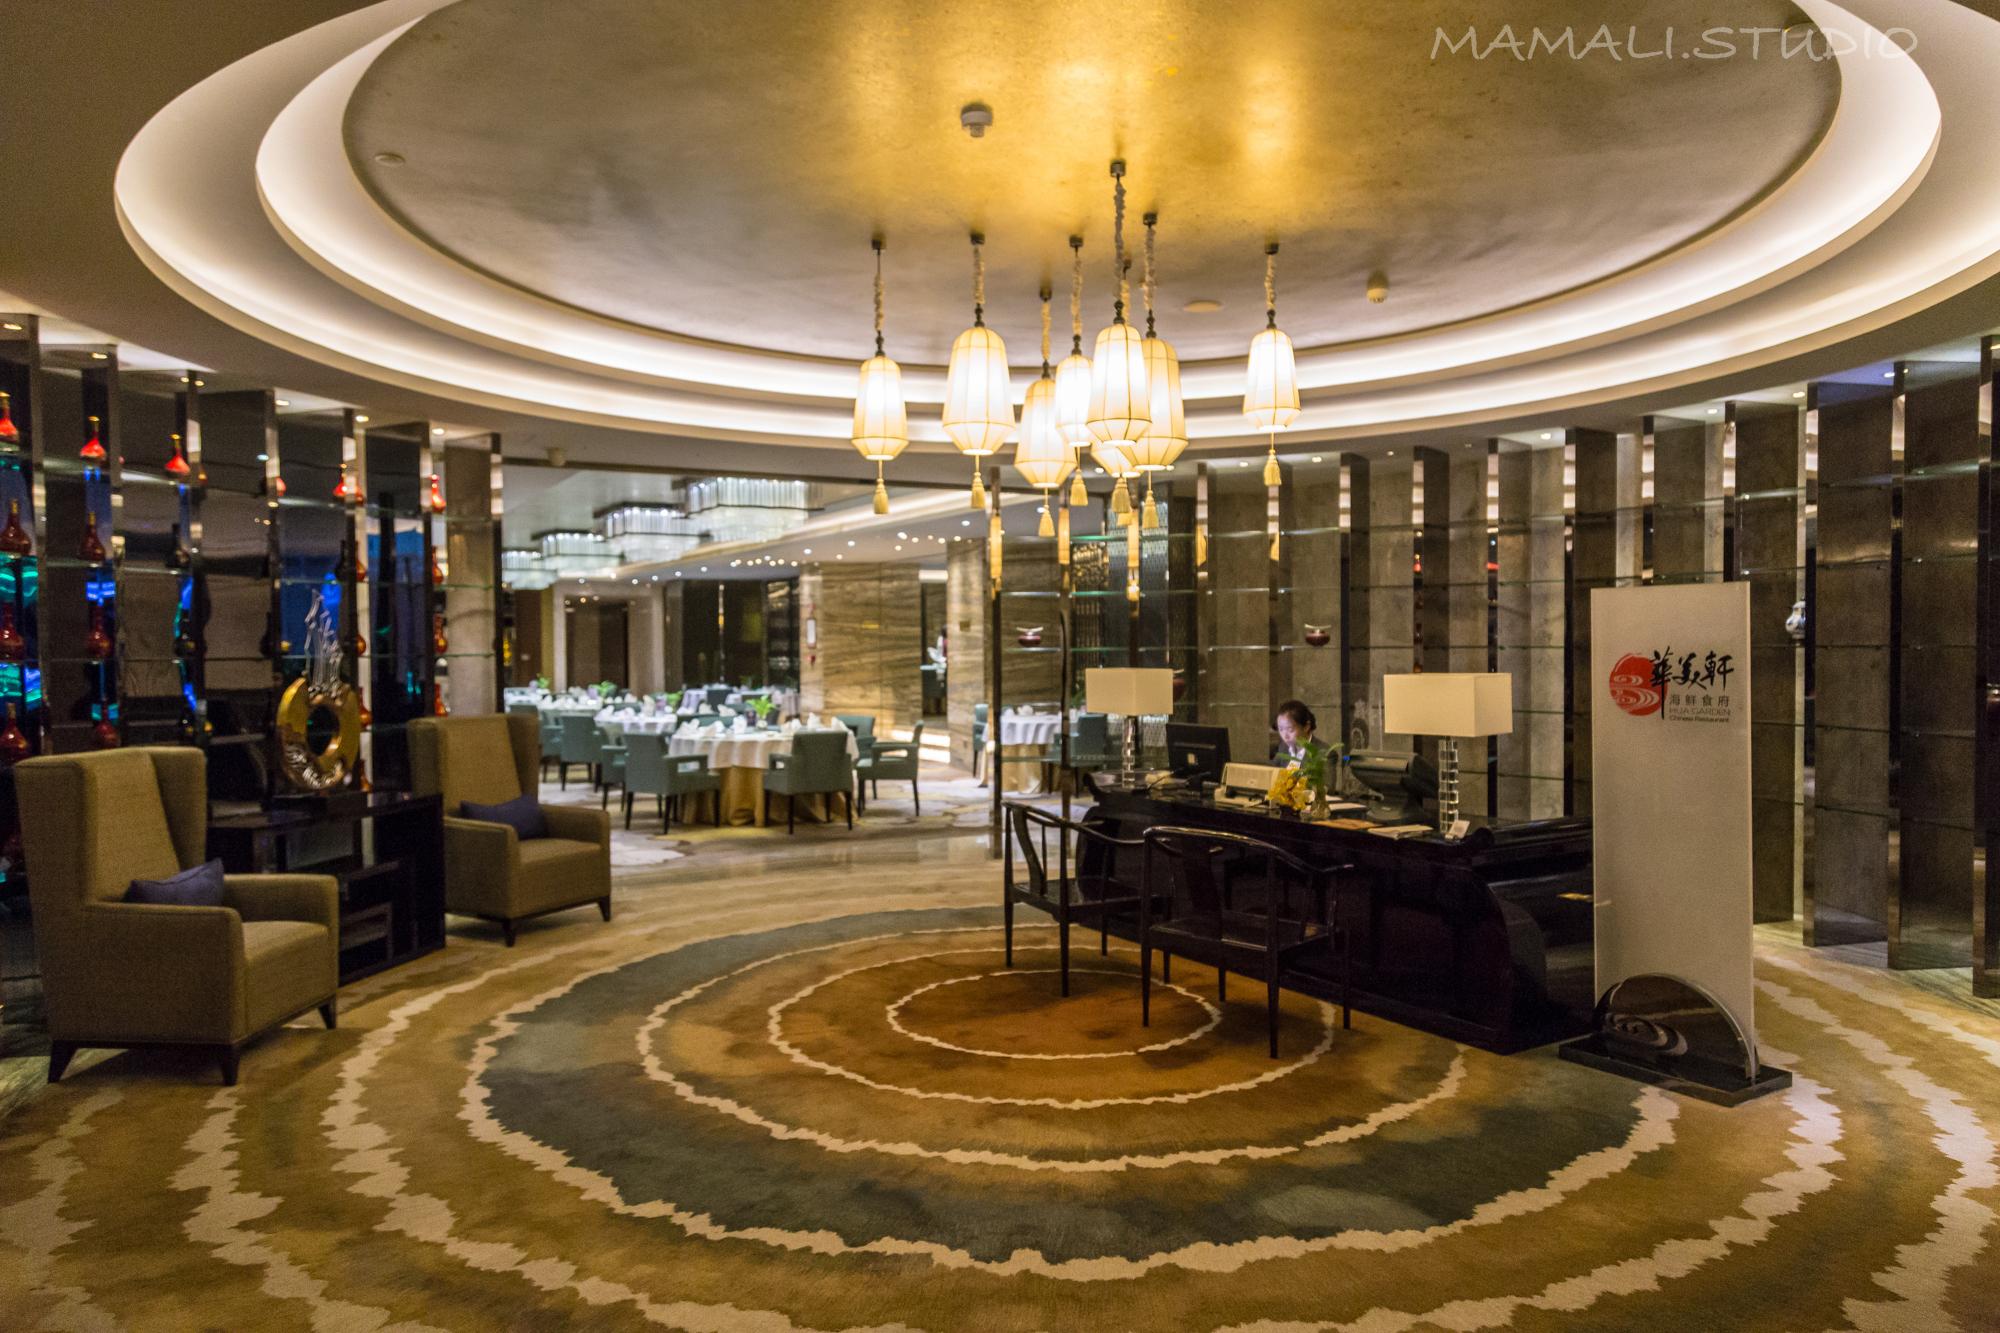 荆门星球国际大酒店预订_电话_价格图片_3D全景 - 3D客栈网